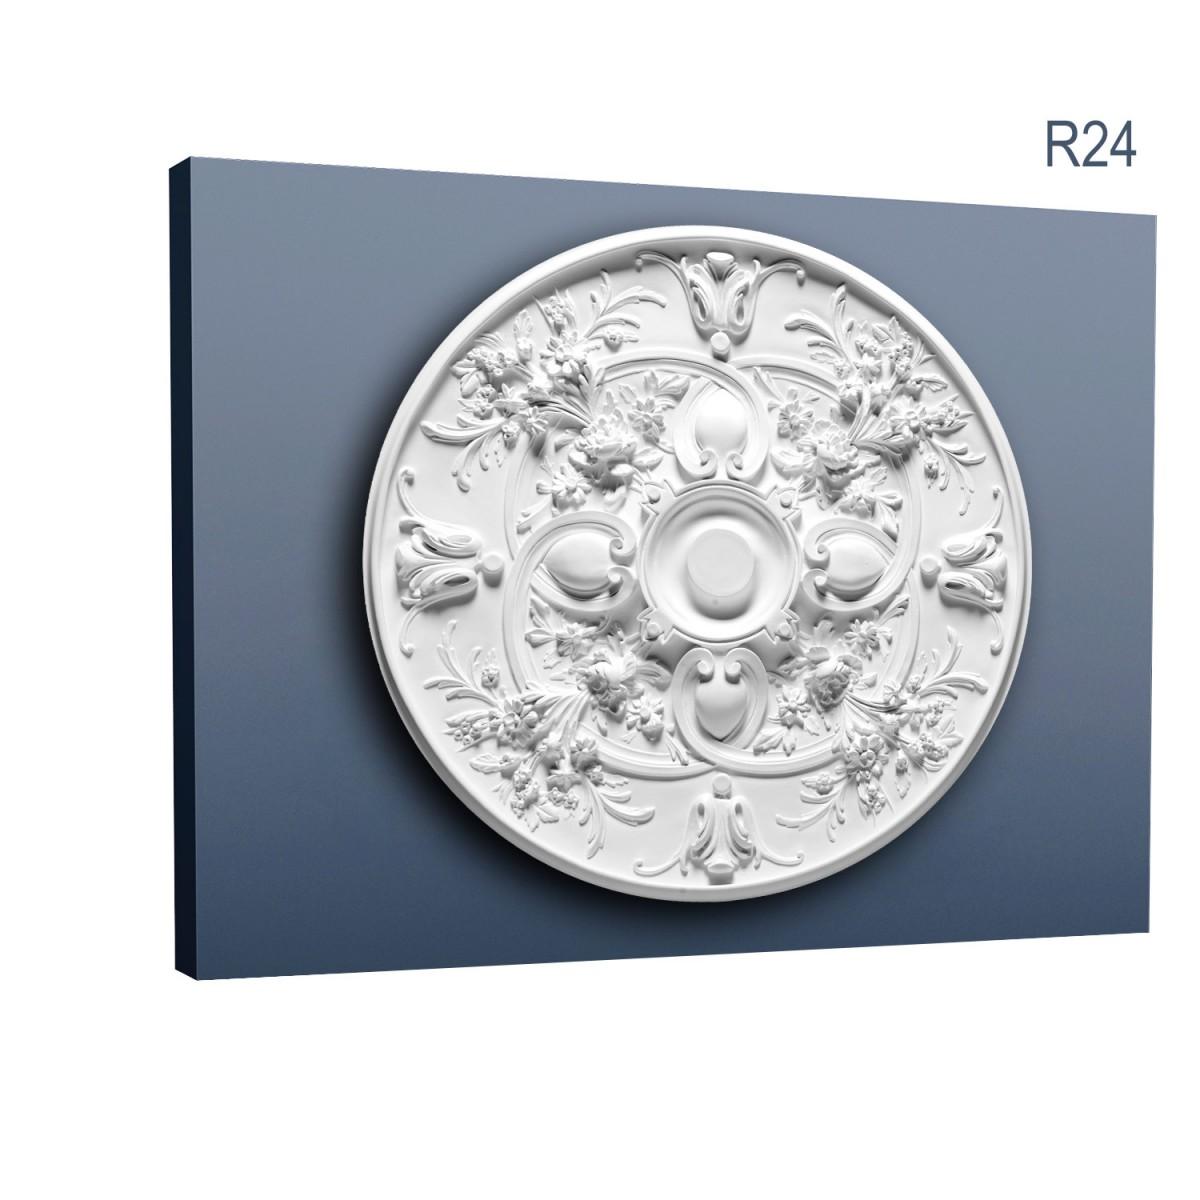 Rozeta Luxxus R24, Dimensiuni: diam. 79 cm (H: 6 cm), Orac Decor